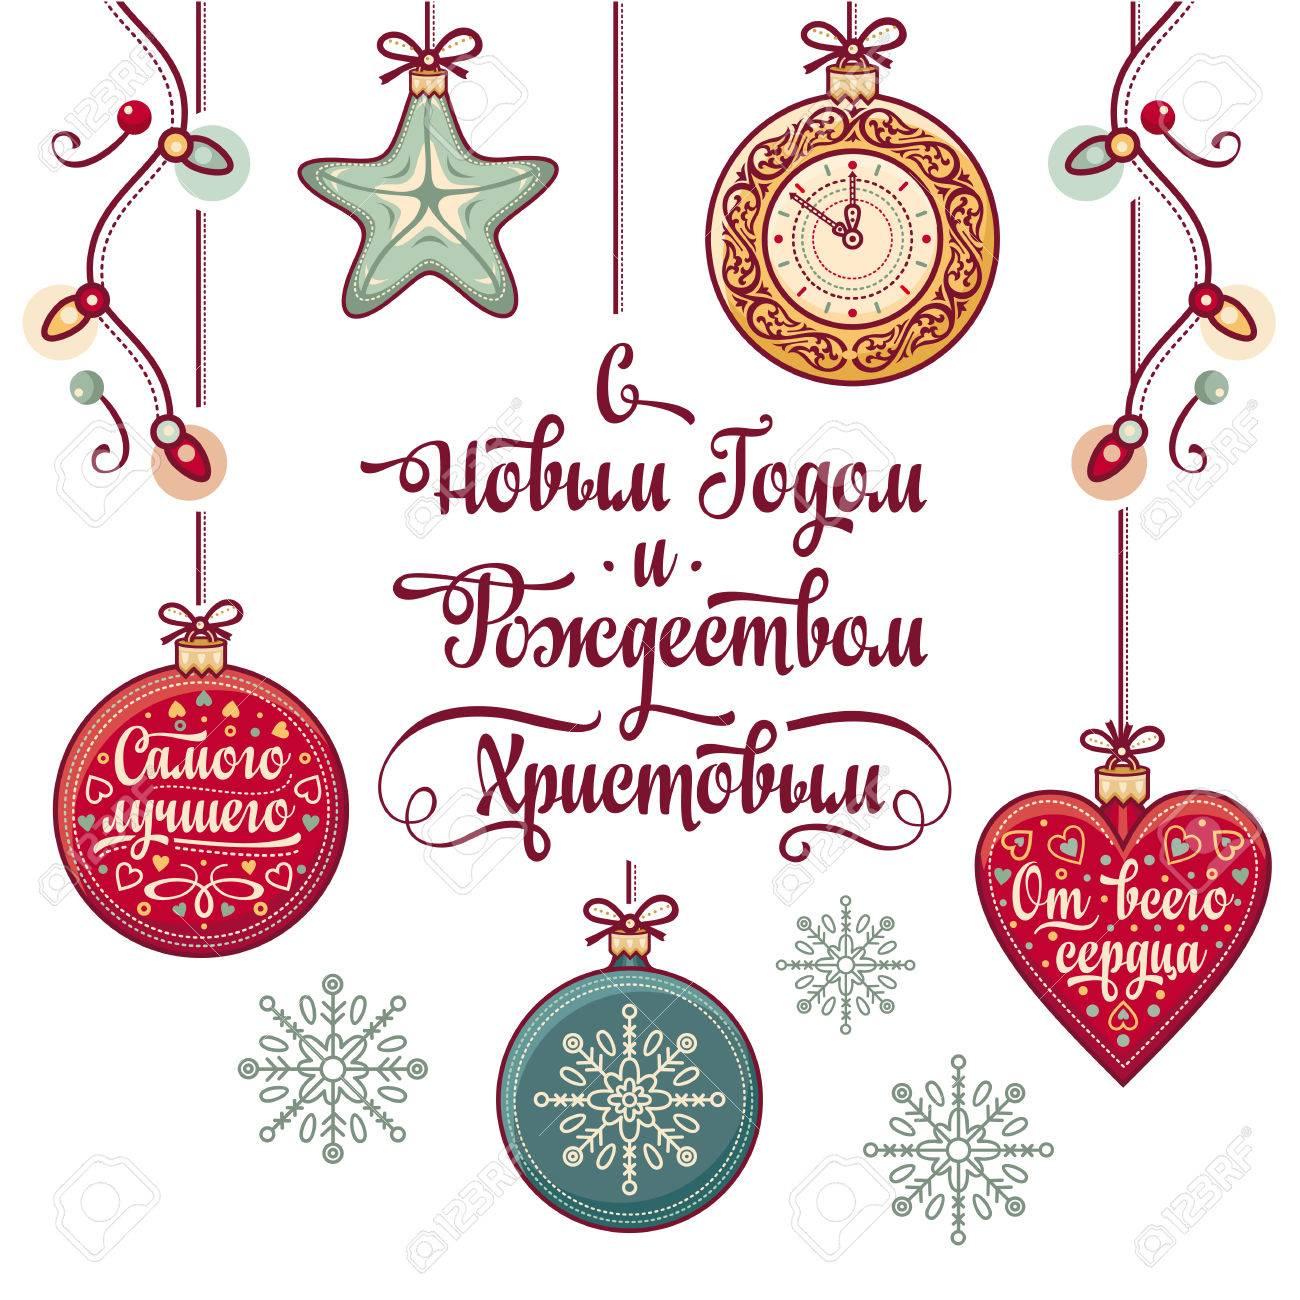 Carte De Voeux Cyrillique Nouvel An Russe Police Russe Bonne Message De Nouvel An Joyeuses Fêtes Souhaitent Fond Blanc